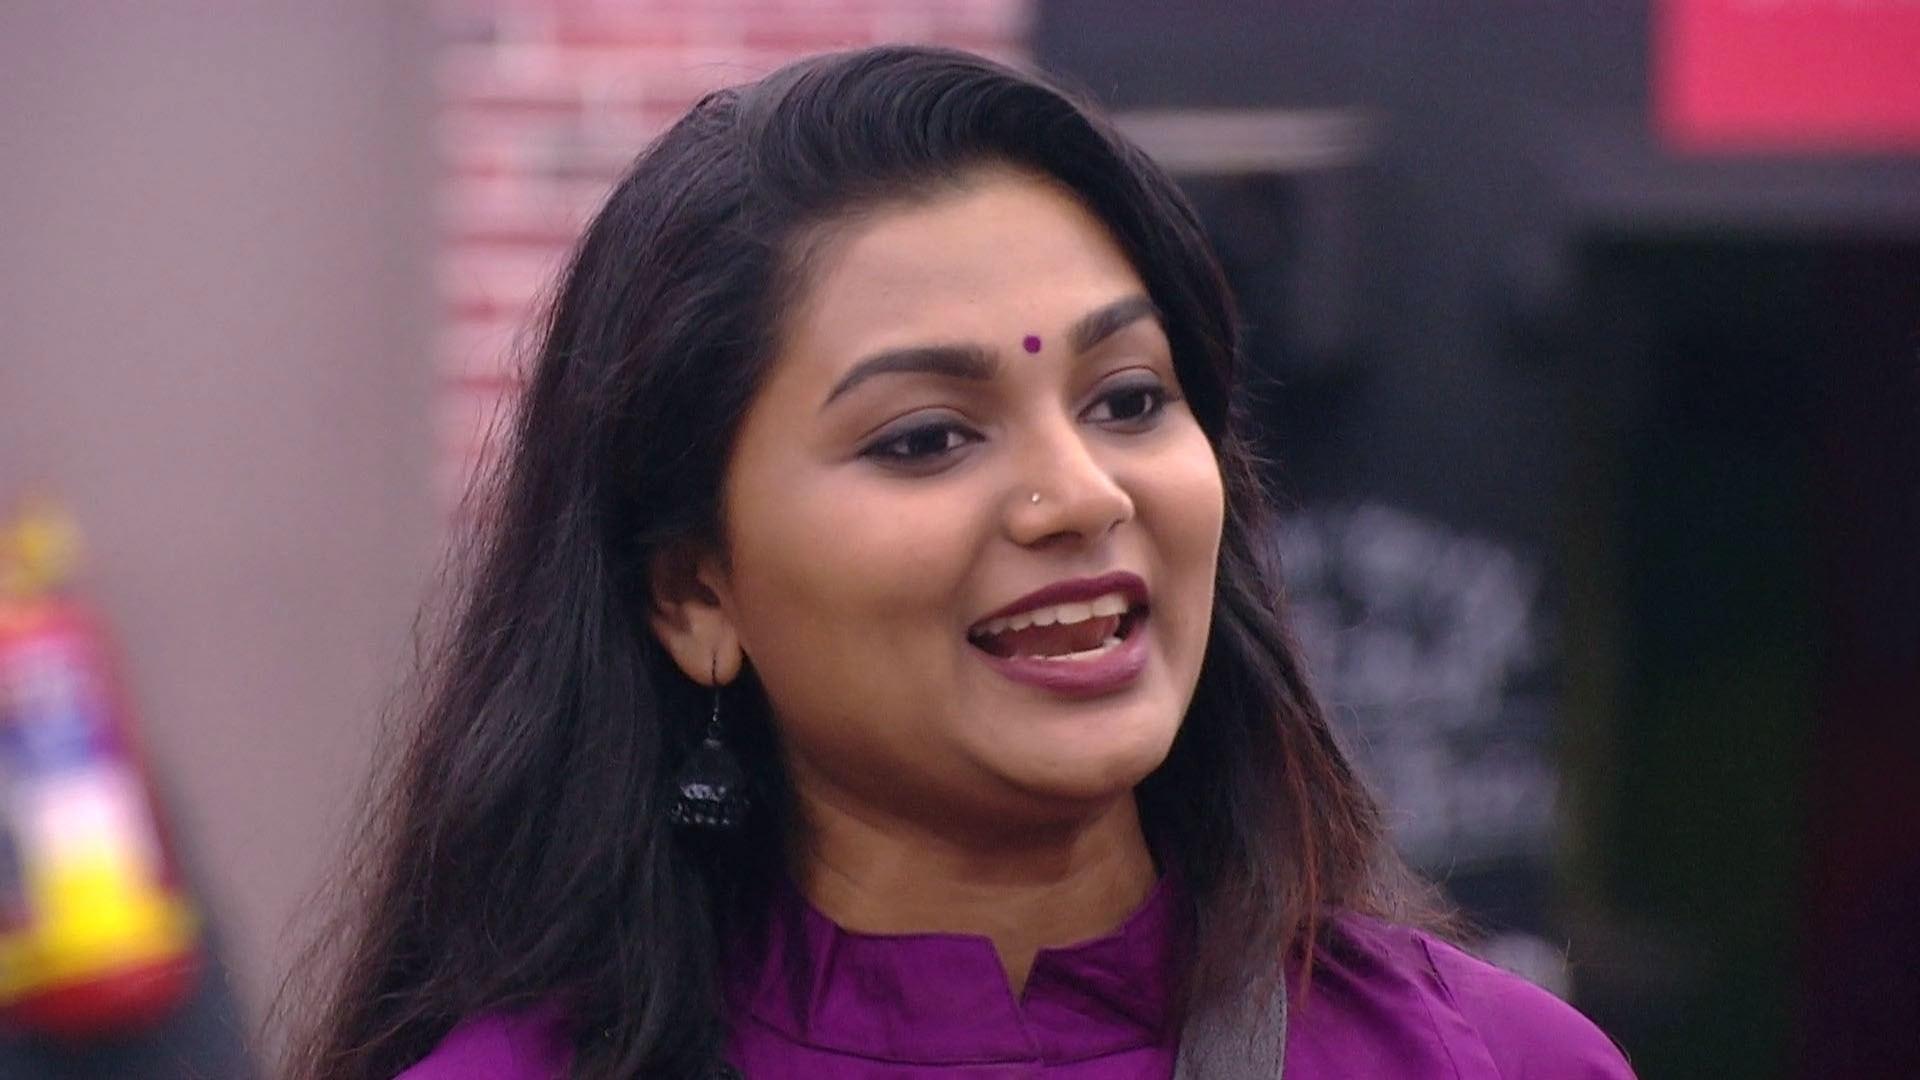 Bigg Boss - Season 1 Episode 22 : Day 21: Sreelakshmi, a Tattletale?